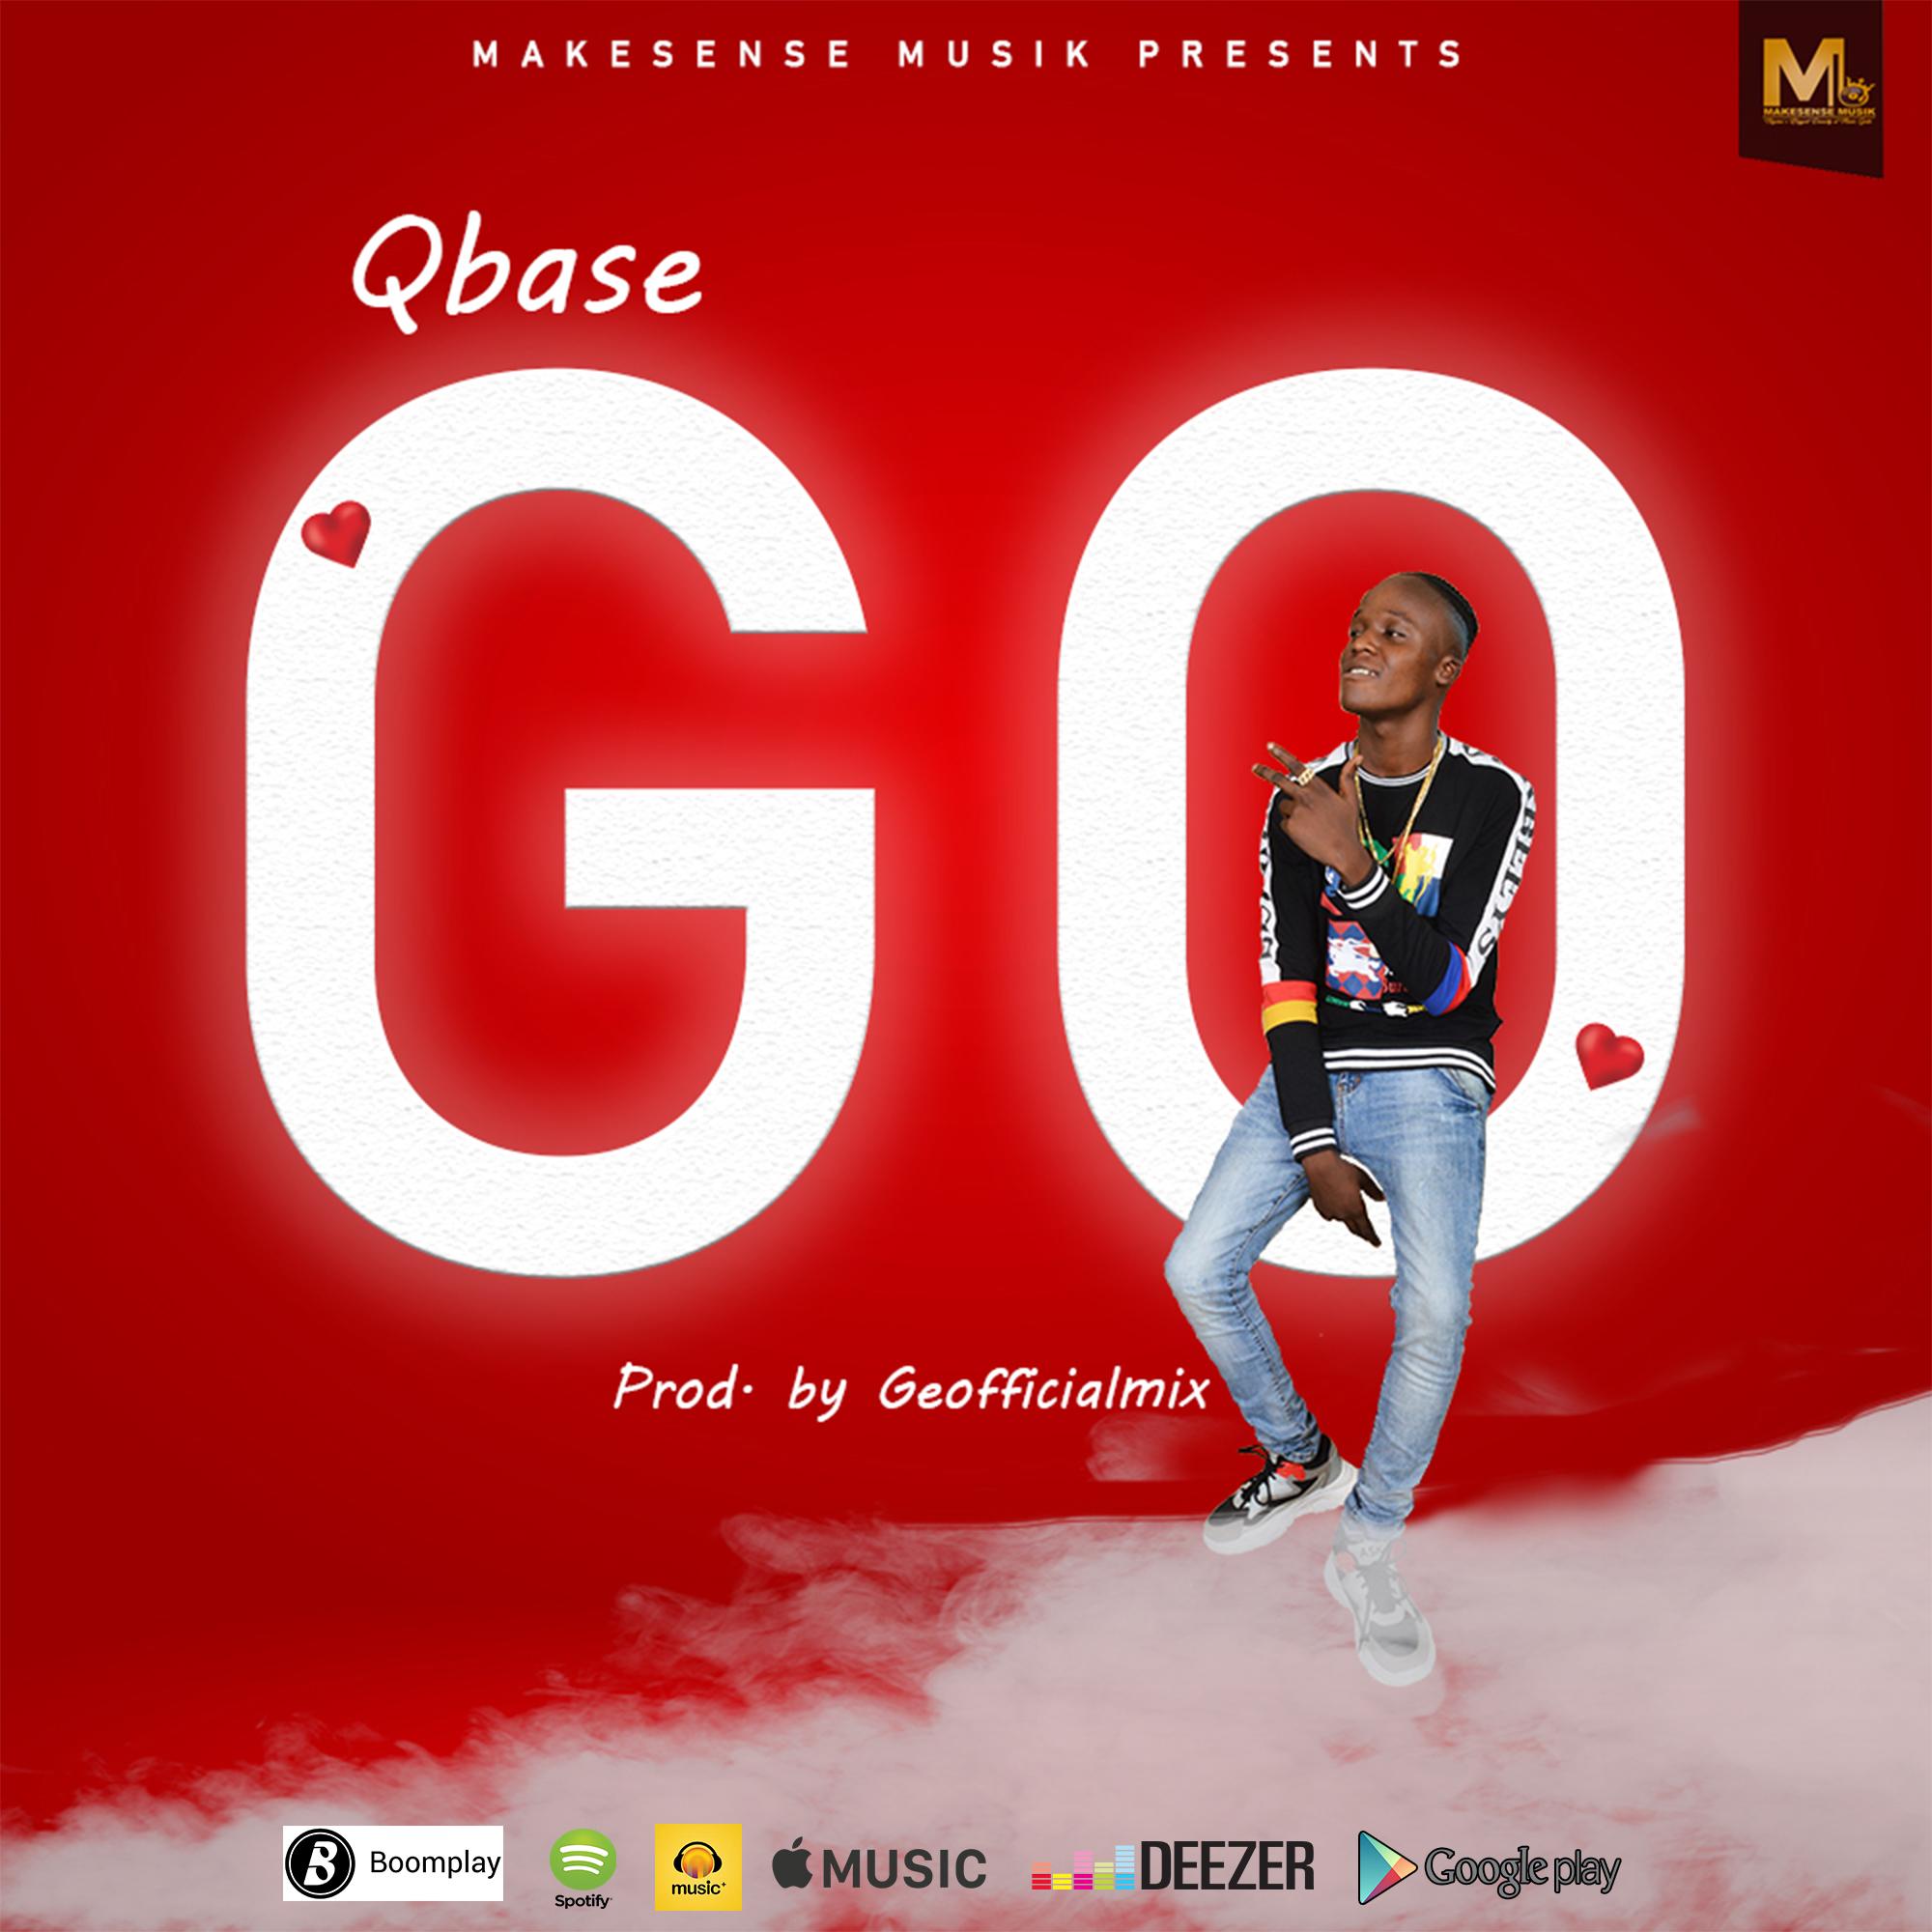 music : Qbase – Go @makesensemusik